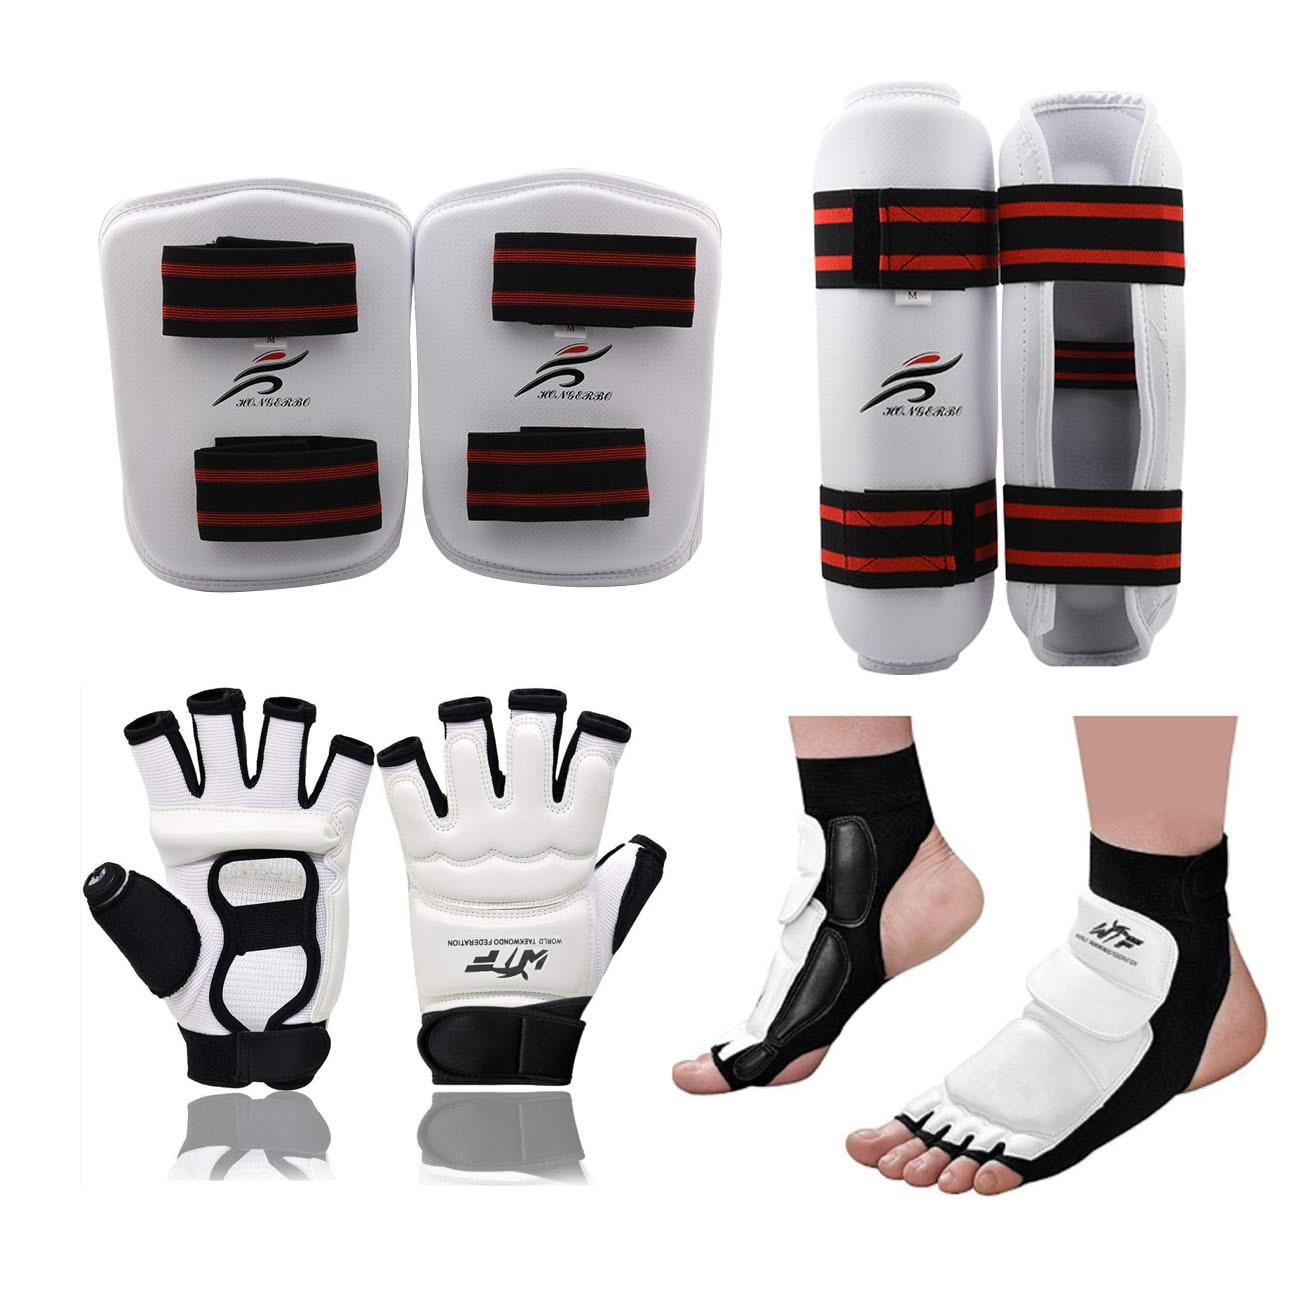 Adultes enfants gants de karaté Taekwondo uniforme jambières protège-main professionnel protège-tibia hommes combat boxe MMA équipement